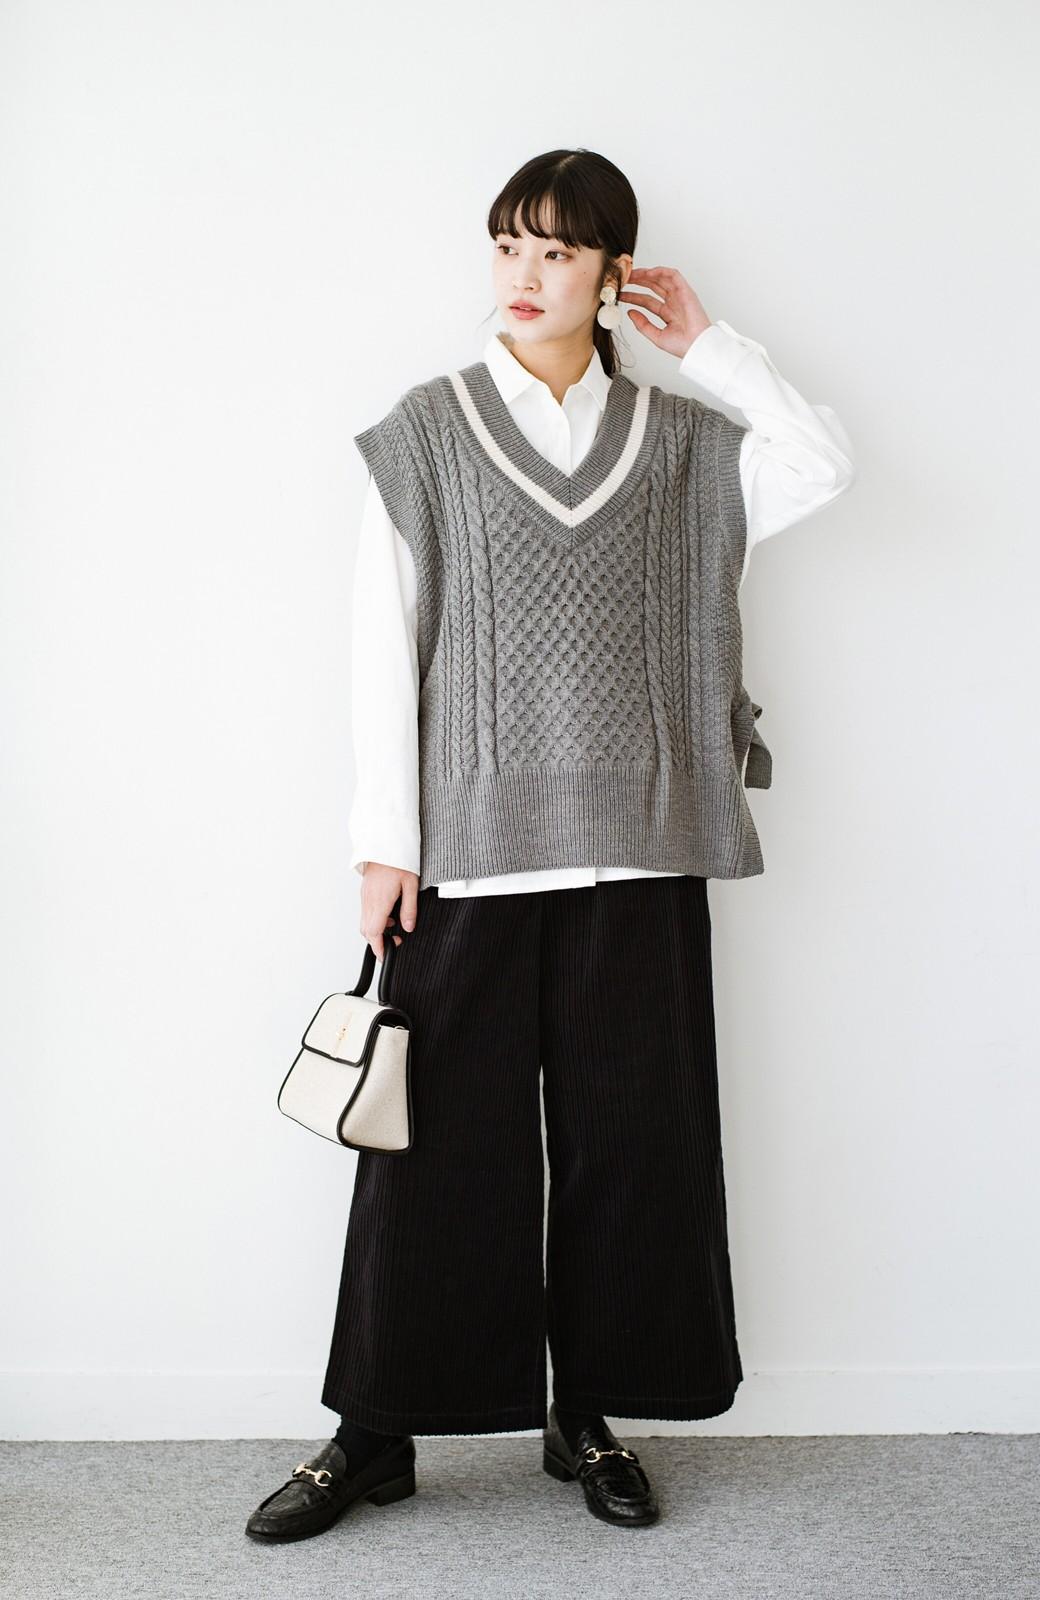 haco! ニットとのこなれた重ね着が簡単にできる!なめらか素材でつくった大人のためのシンプルシャツ <ホワイト>の商品写真14